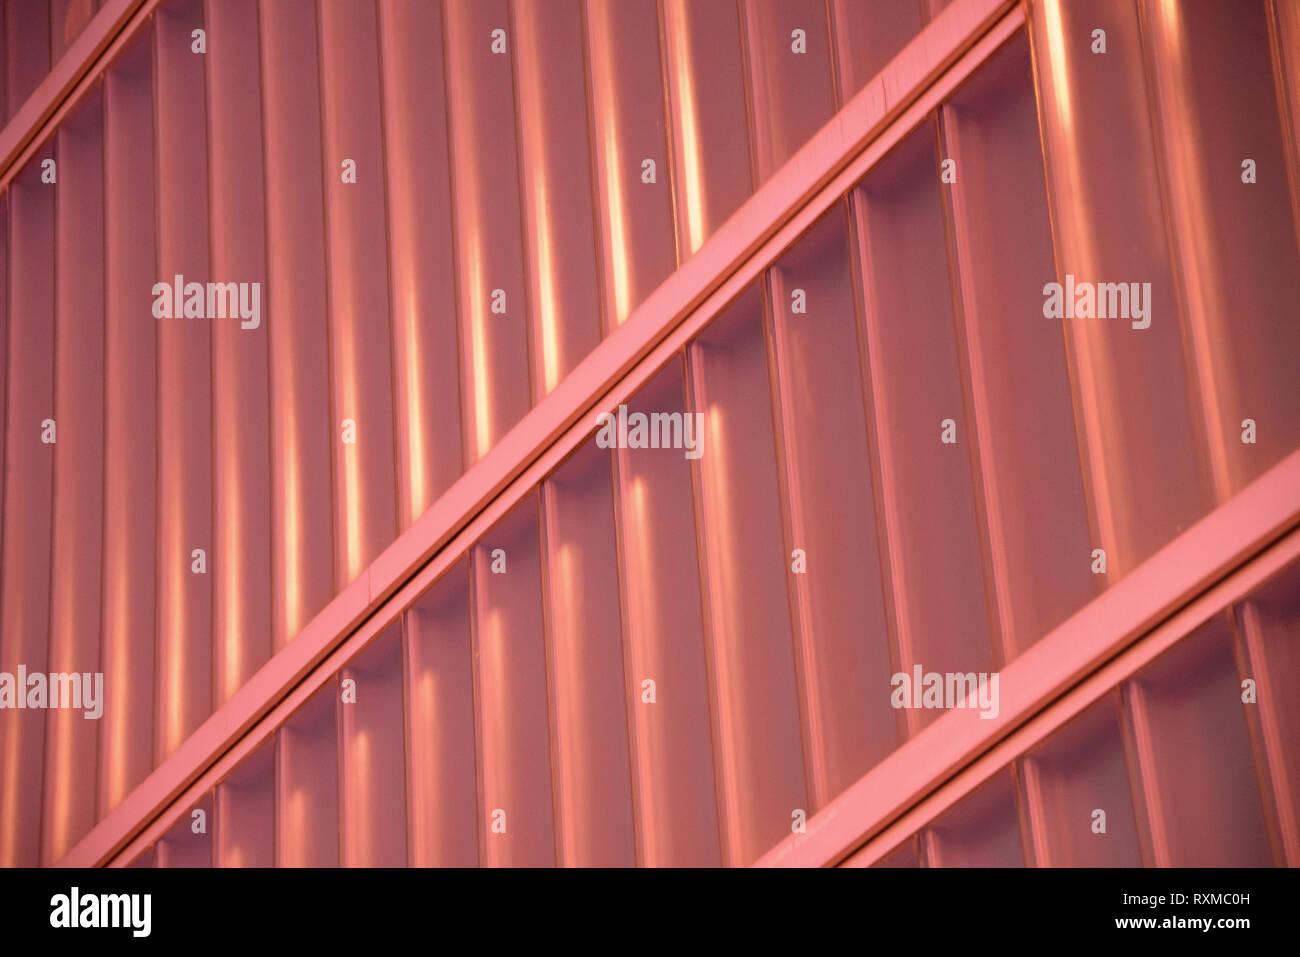 Résumé en détail façade couleur corail vivant de l'année 2019, peachy nuance d'orange. Concept à la mode, l'architecture wallpaper Photo Stock